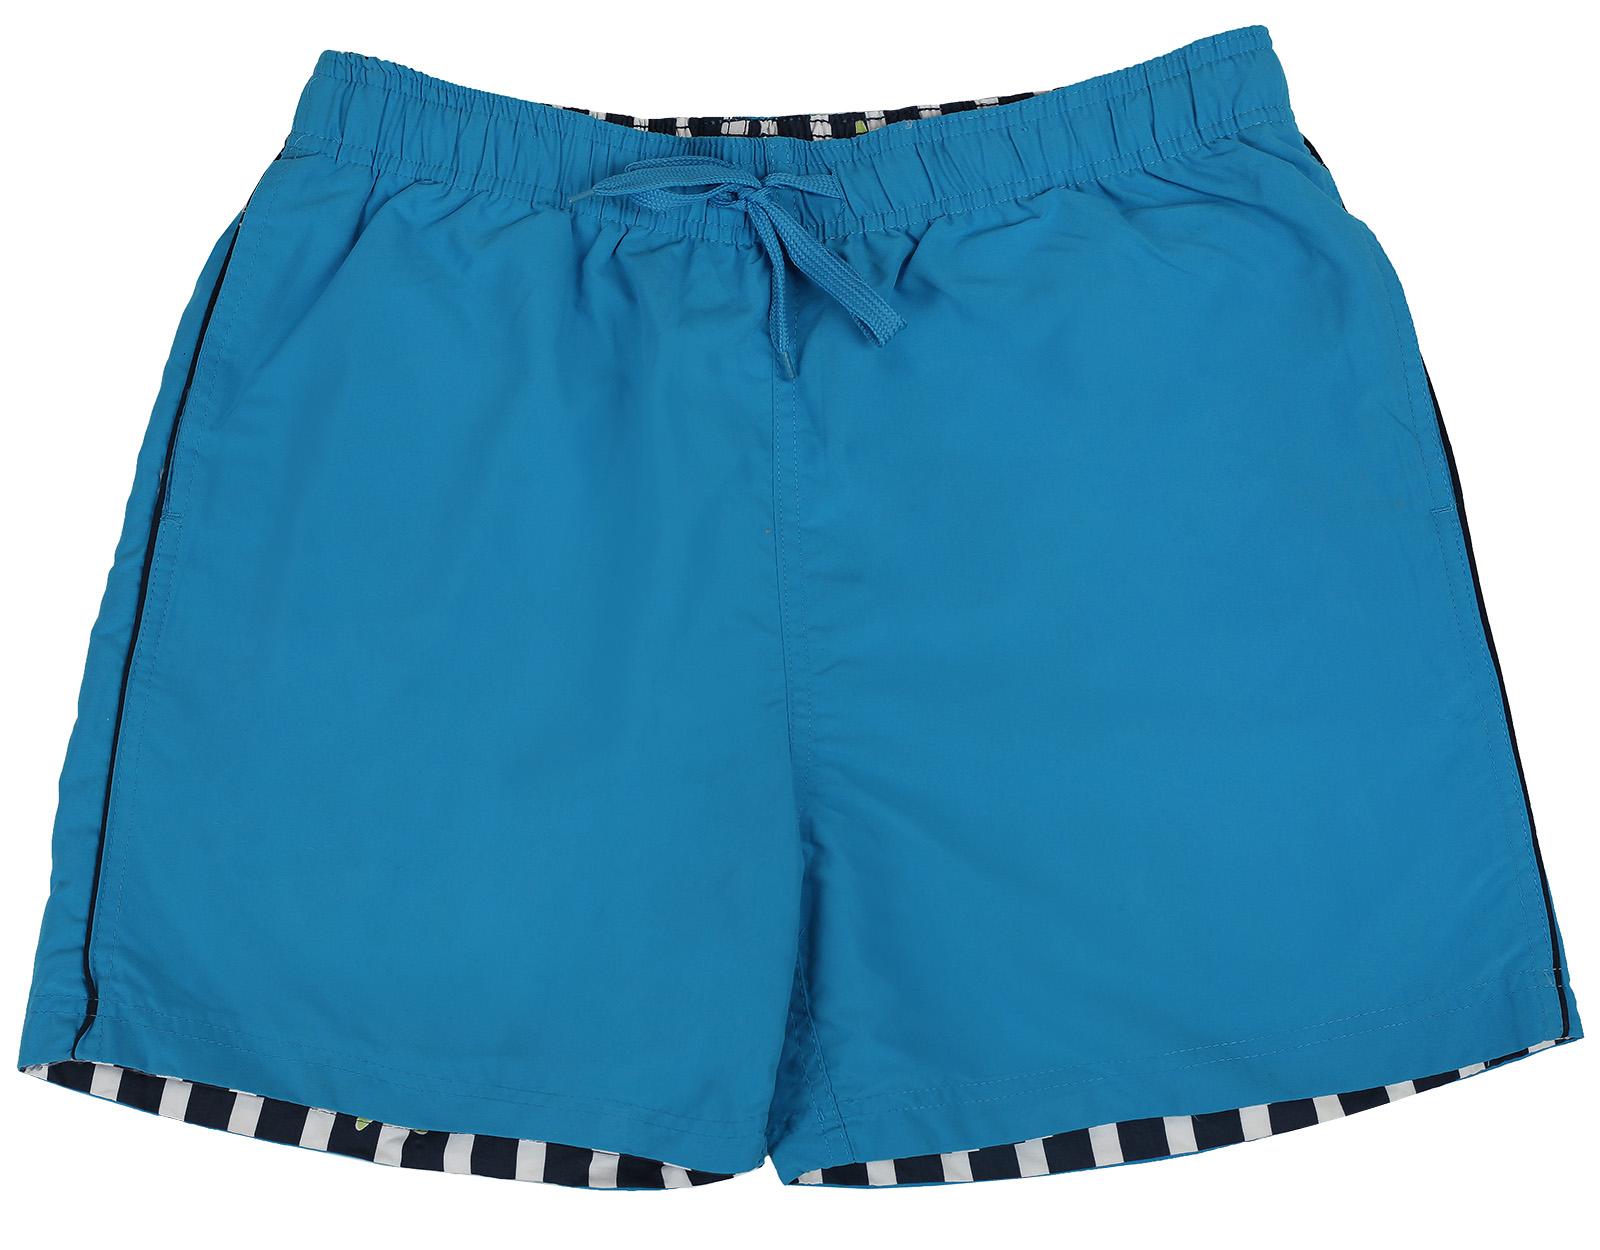 Двусторонние мужские шорты  - купить в интернет-магазине с доставкой